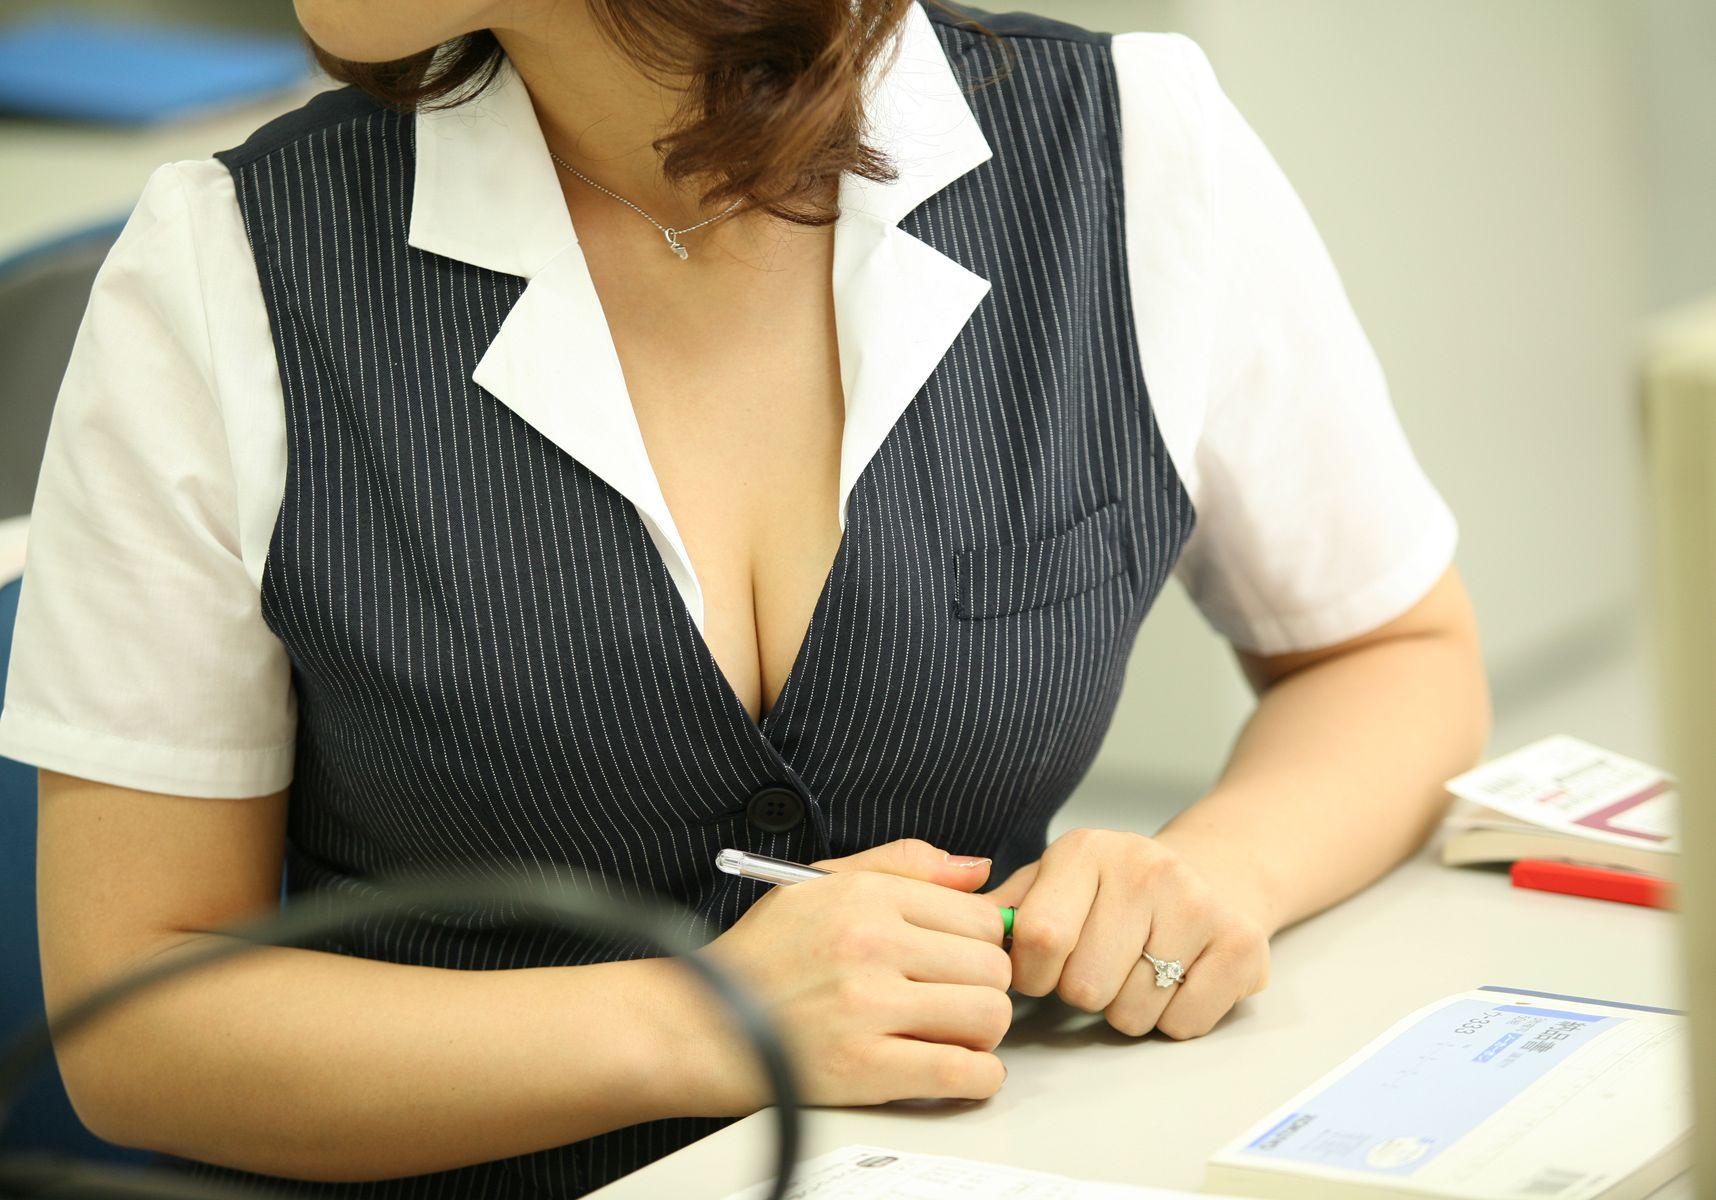 隣の美人妻 中森玲子 Hカップ巨乳アラサーOLの業務報告 編 55photos